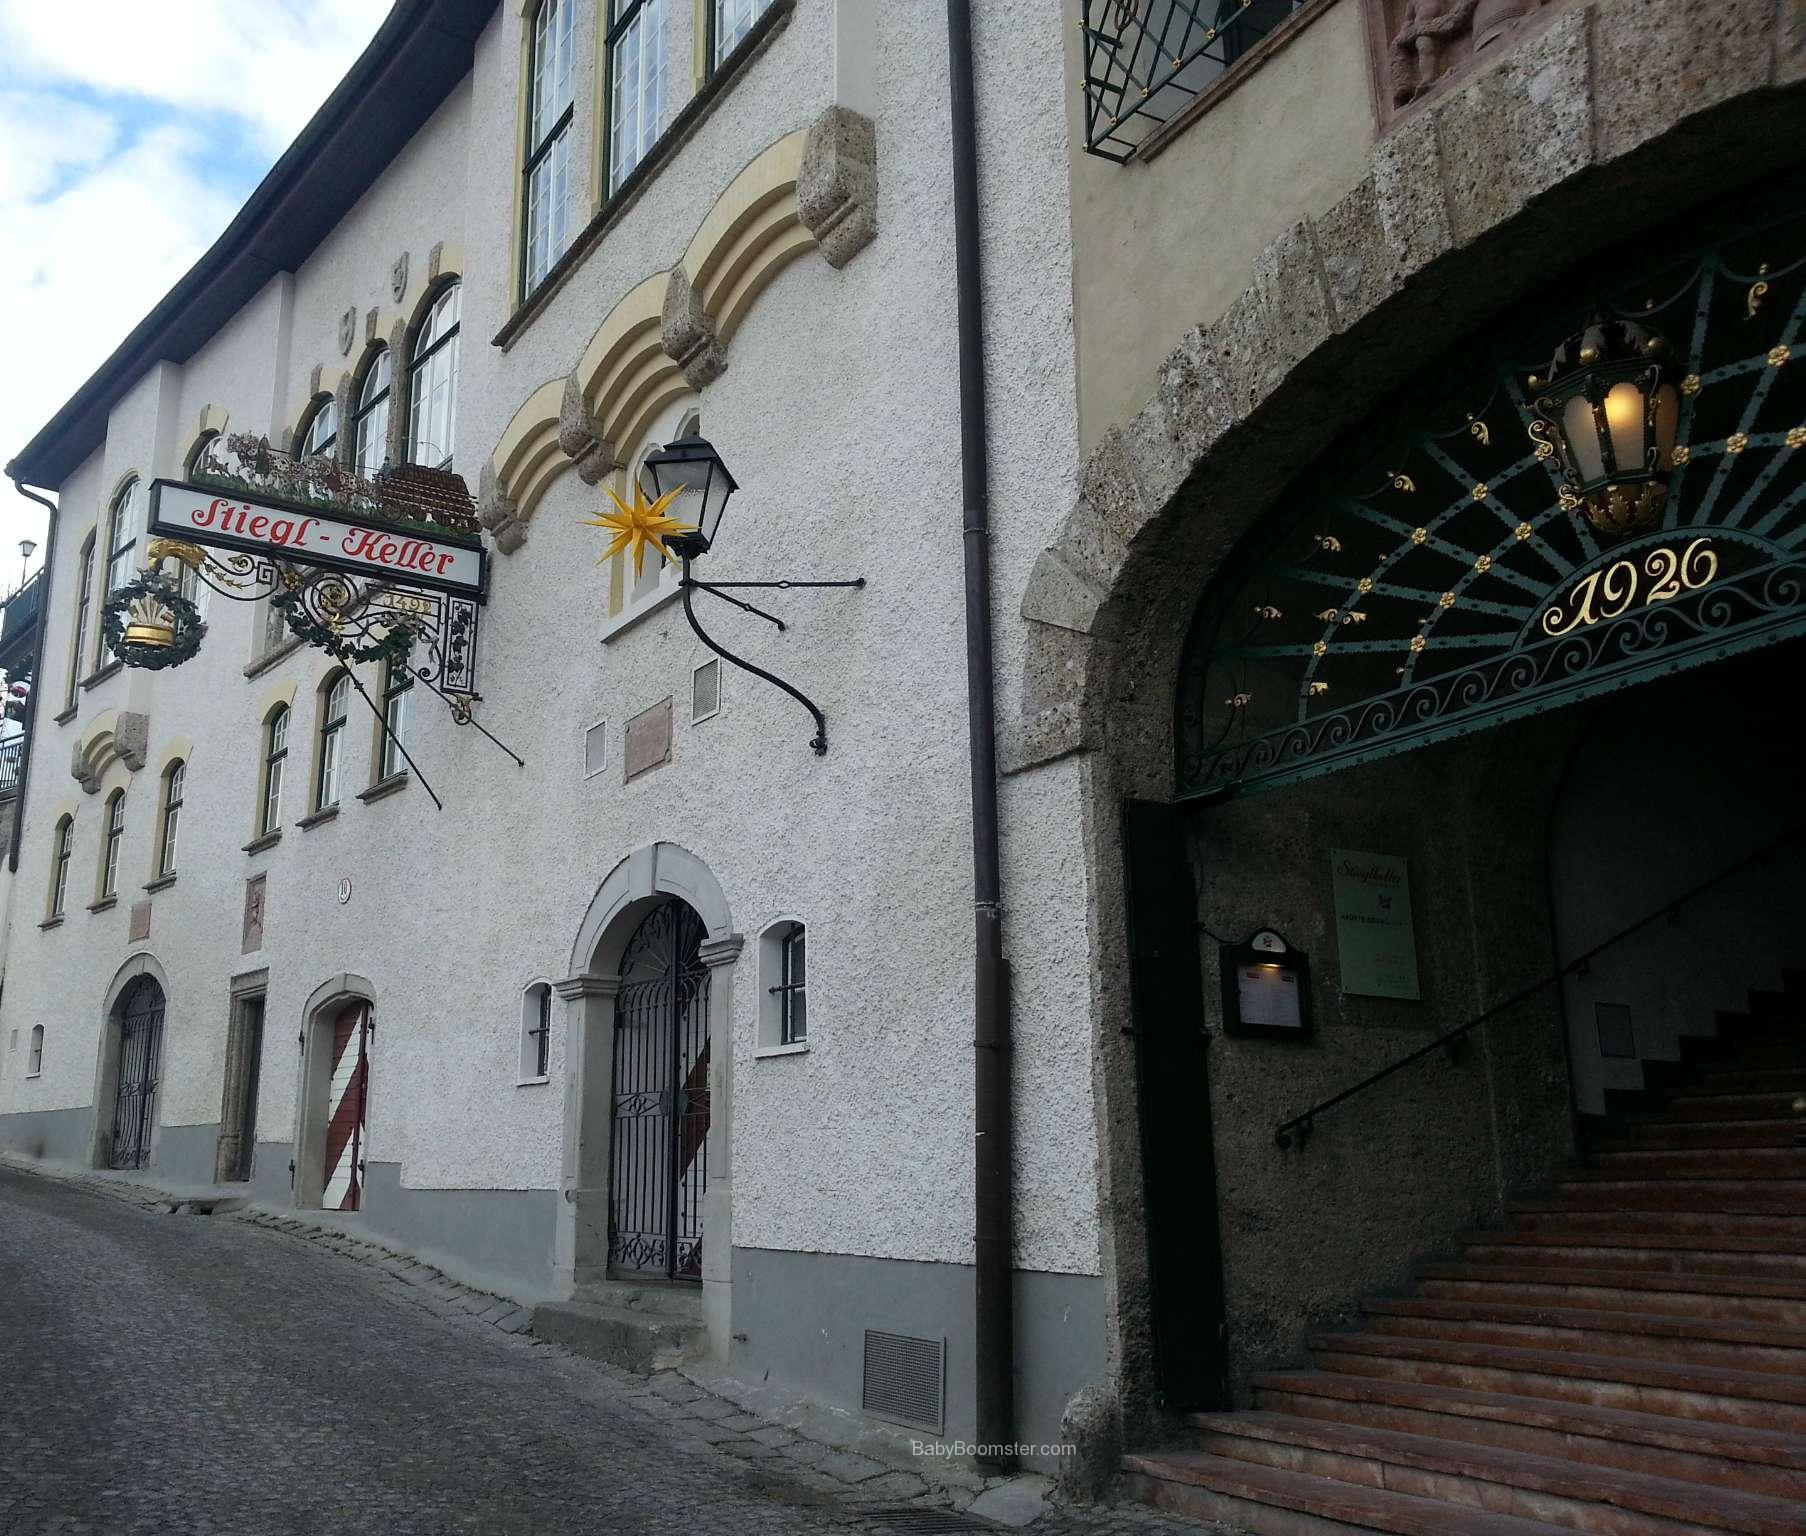 Baby Boomer Travel | Austria | Salzburg - Stiegl Keller